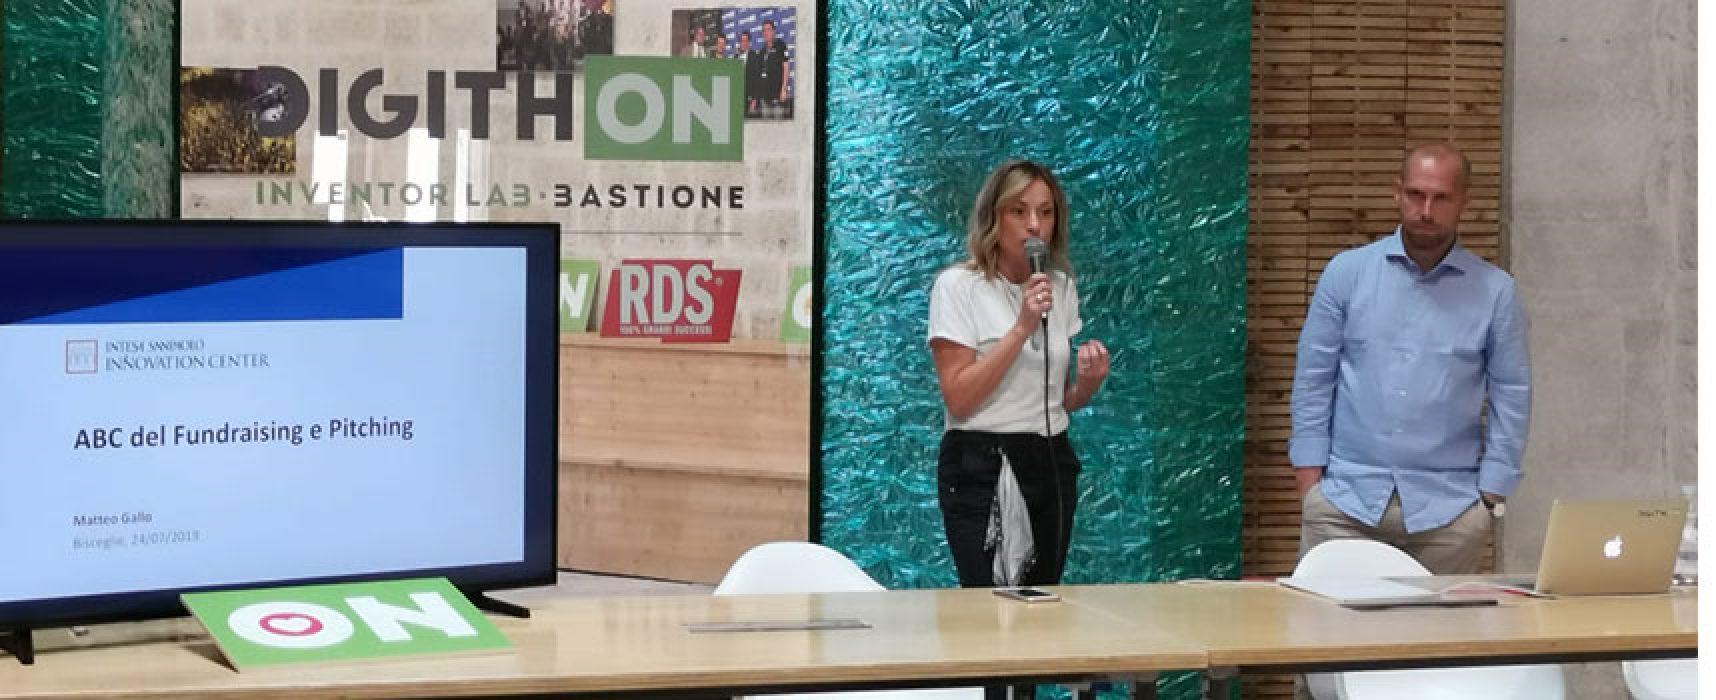 Digithon 2019, conclusa la giornata di formazione dedicata alle startup